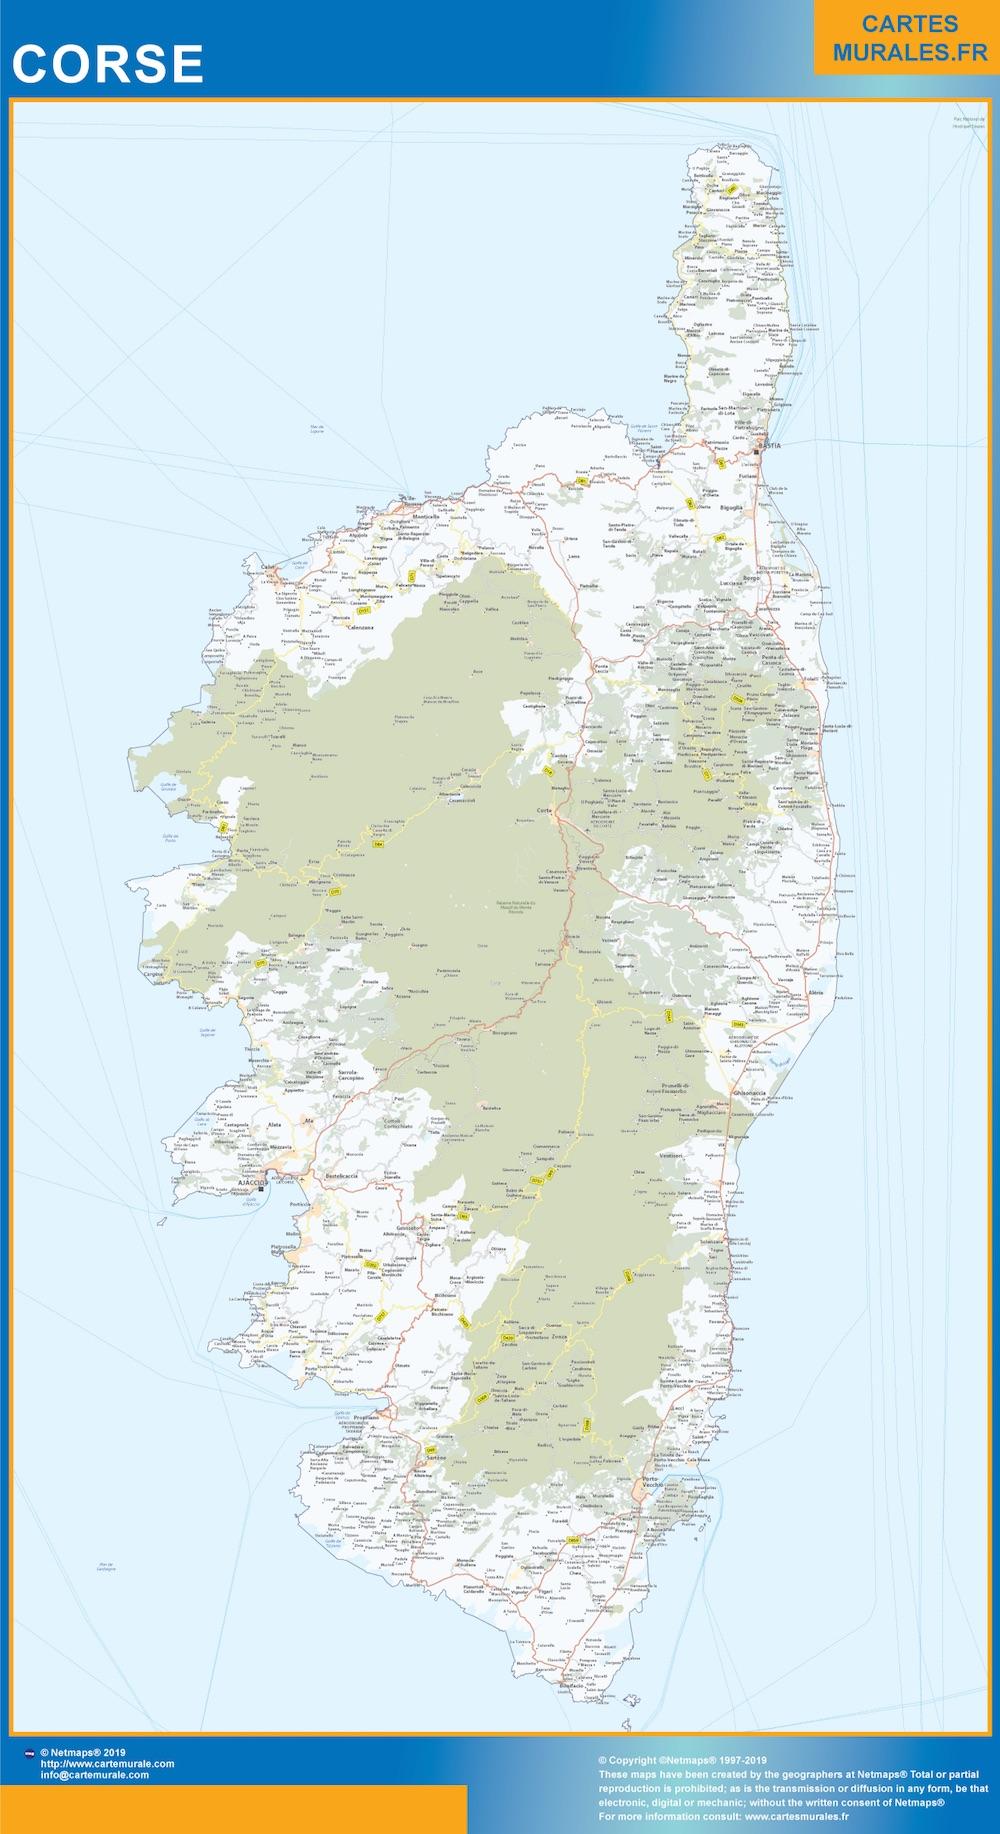 cartes regions france cartes murales